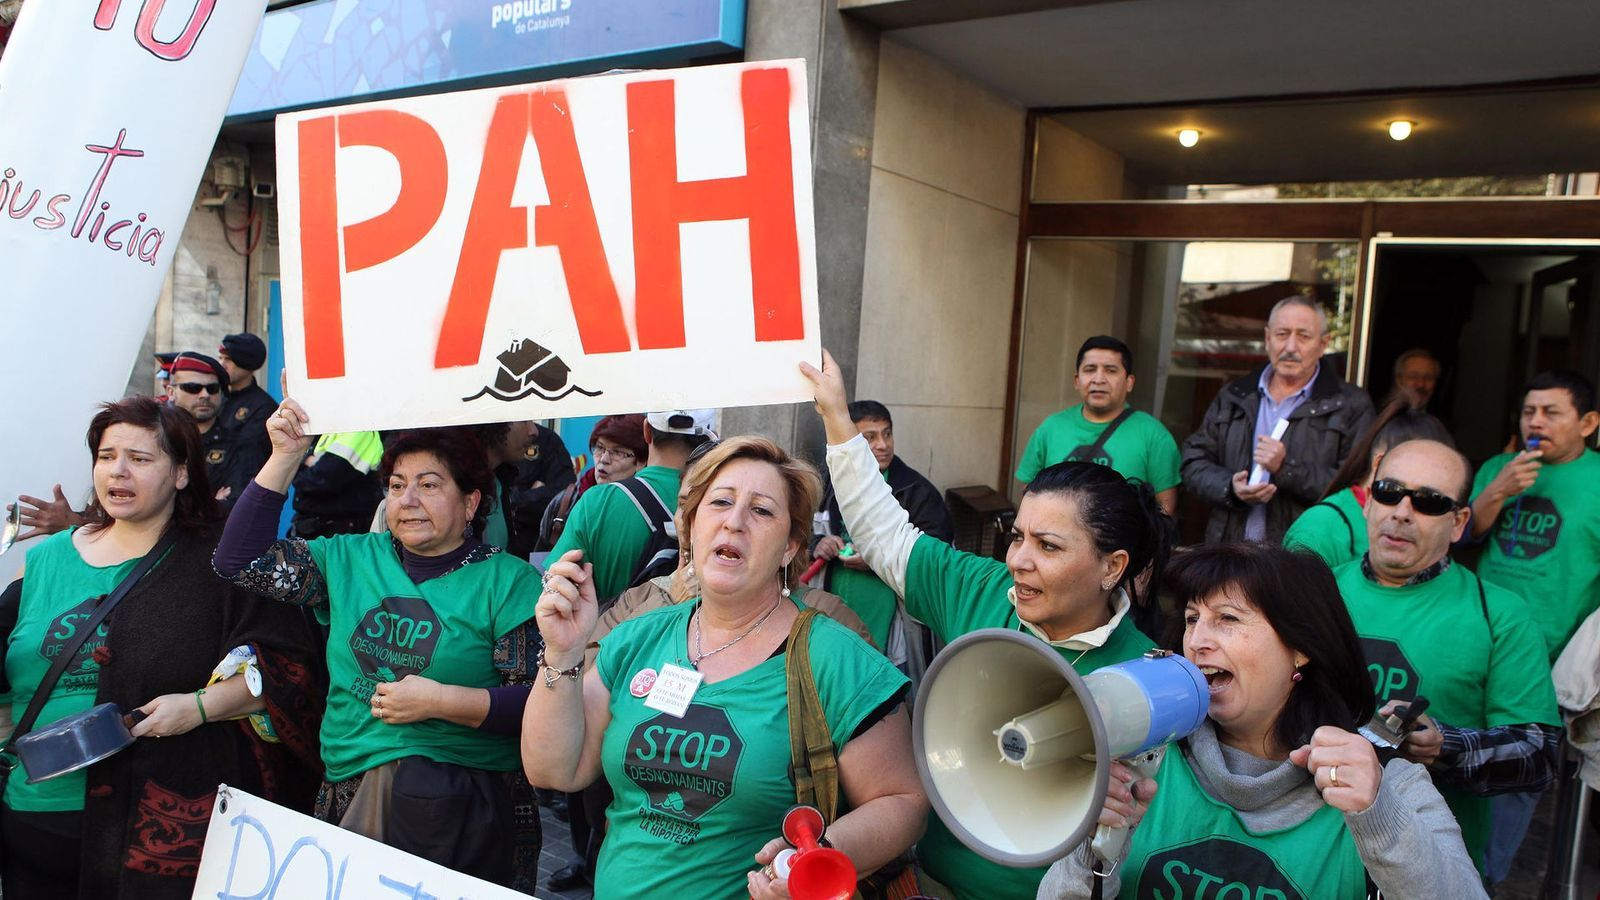 Una protesta de la Plataforma d'Afectats per la Hipoteca, en lluita contra els desnonaments.